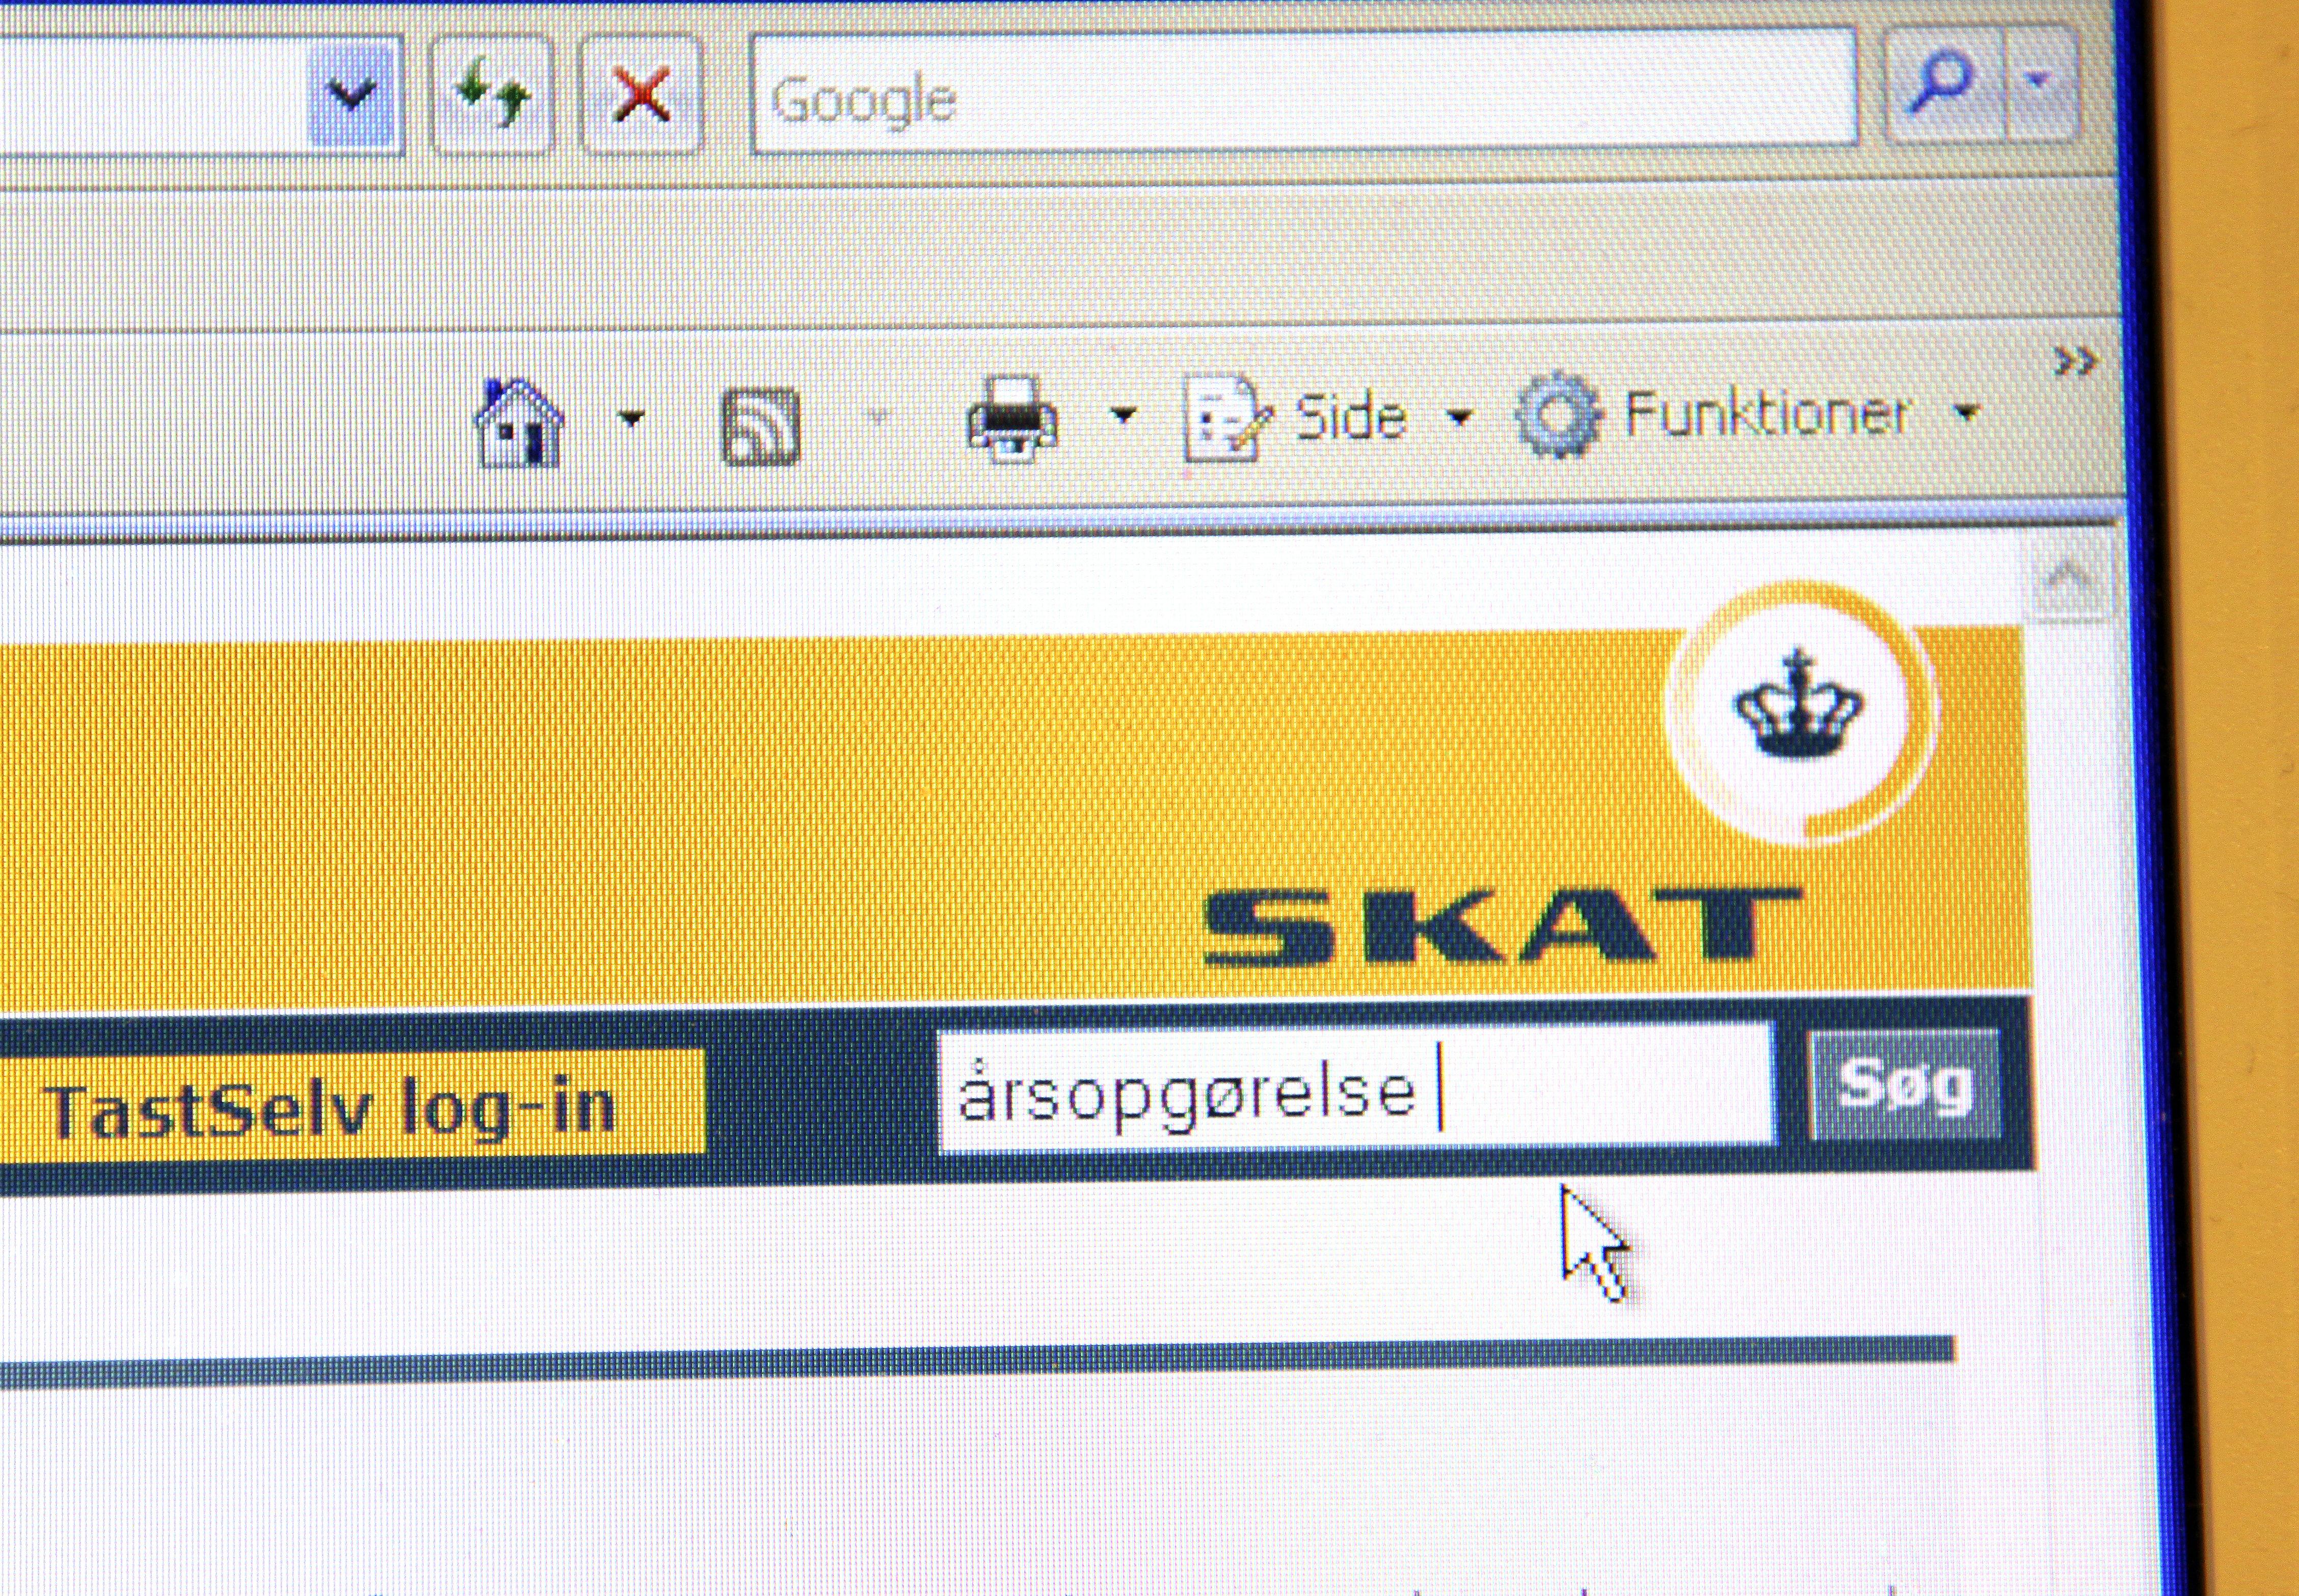 scanpix-20110306-203823-l.jpg